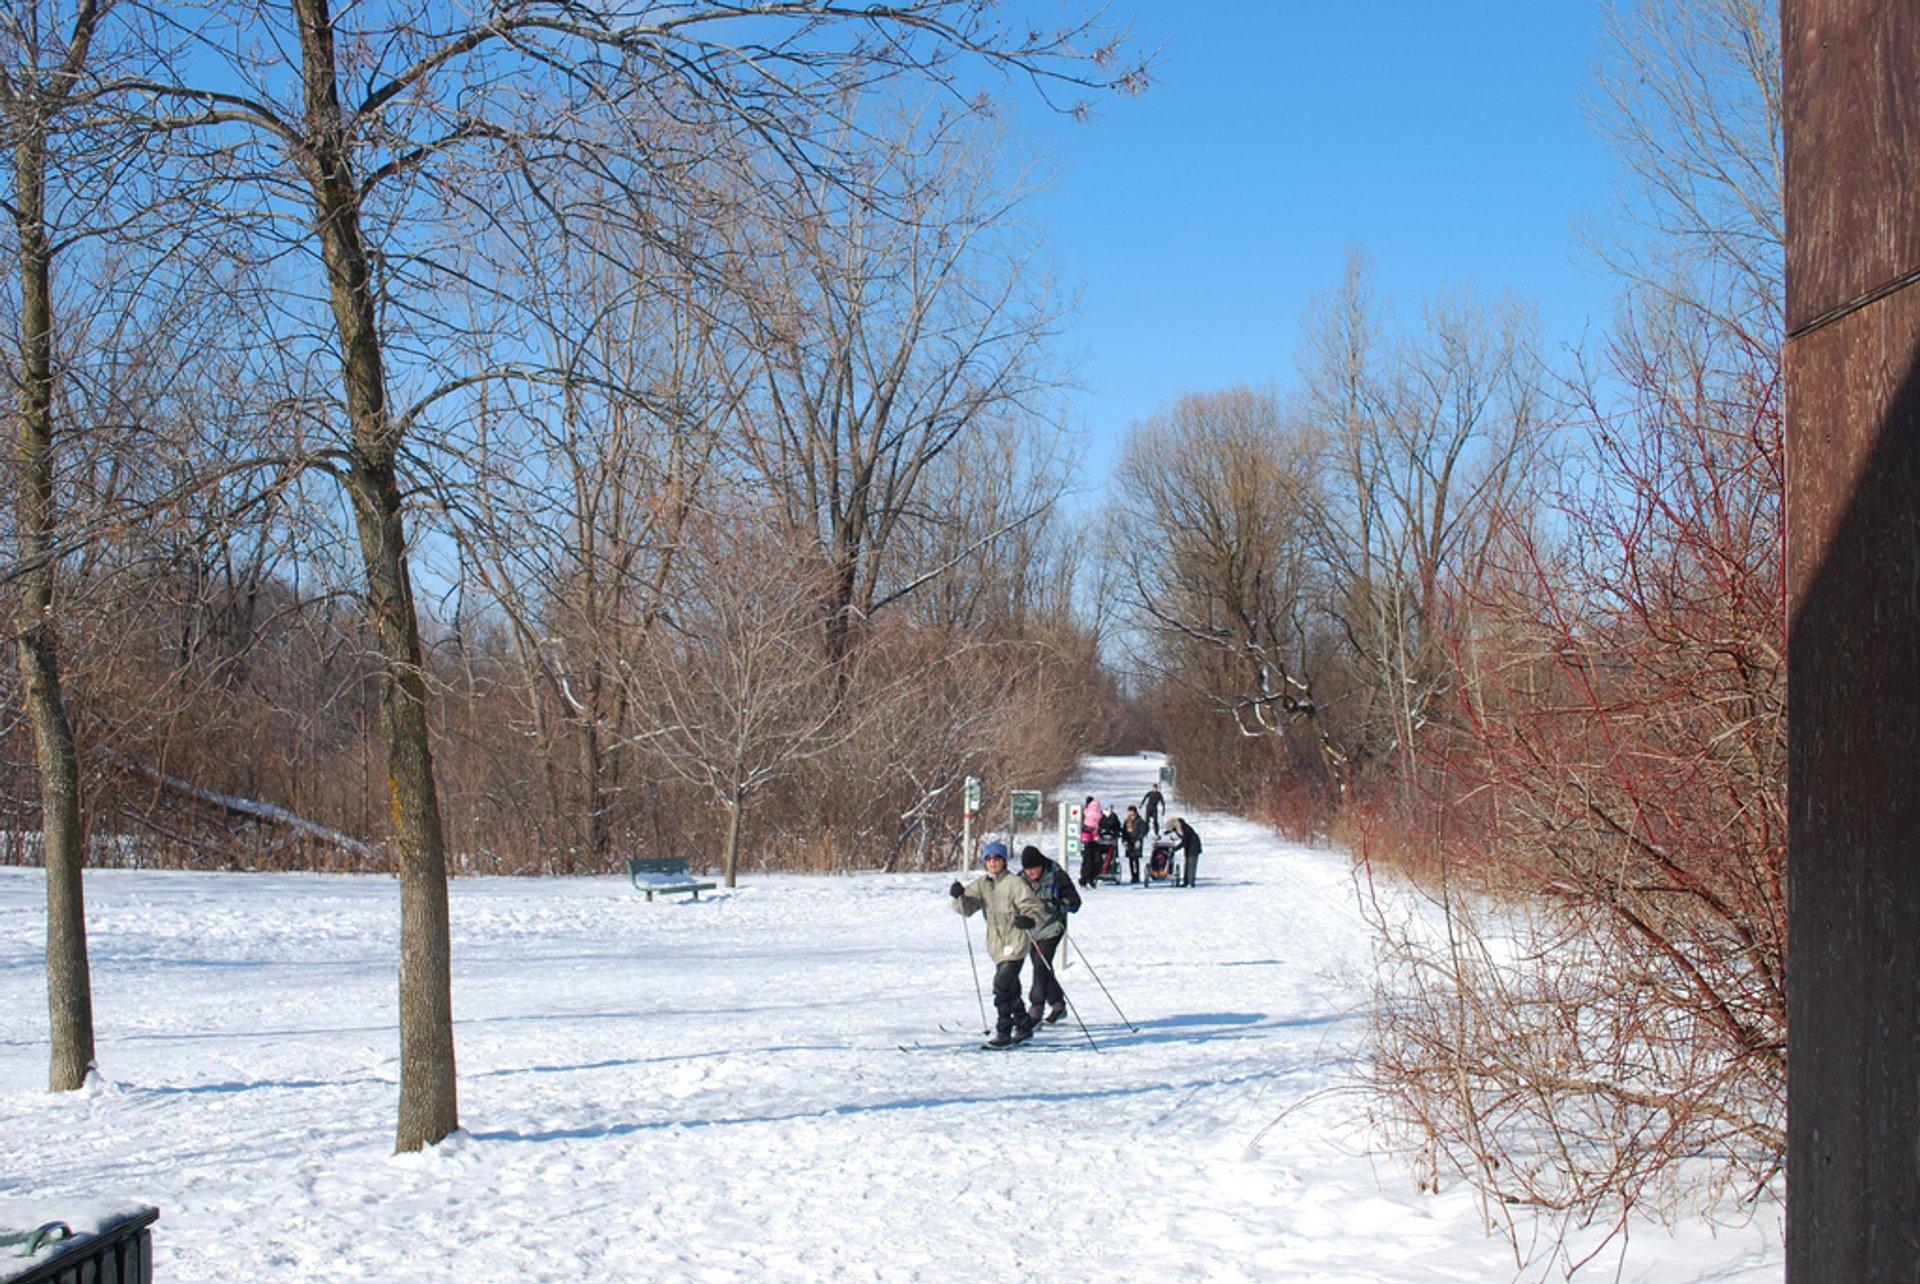 Winter picnic at Bois-de-Liesse 2020